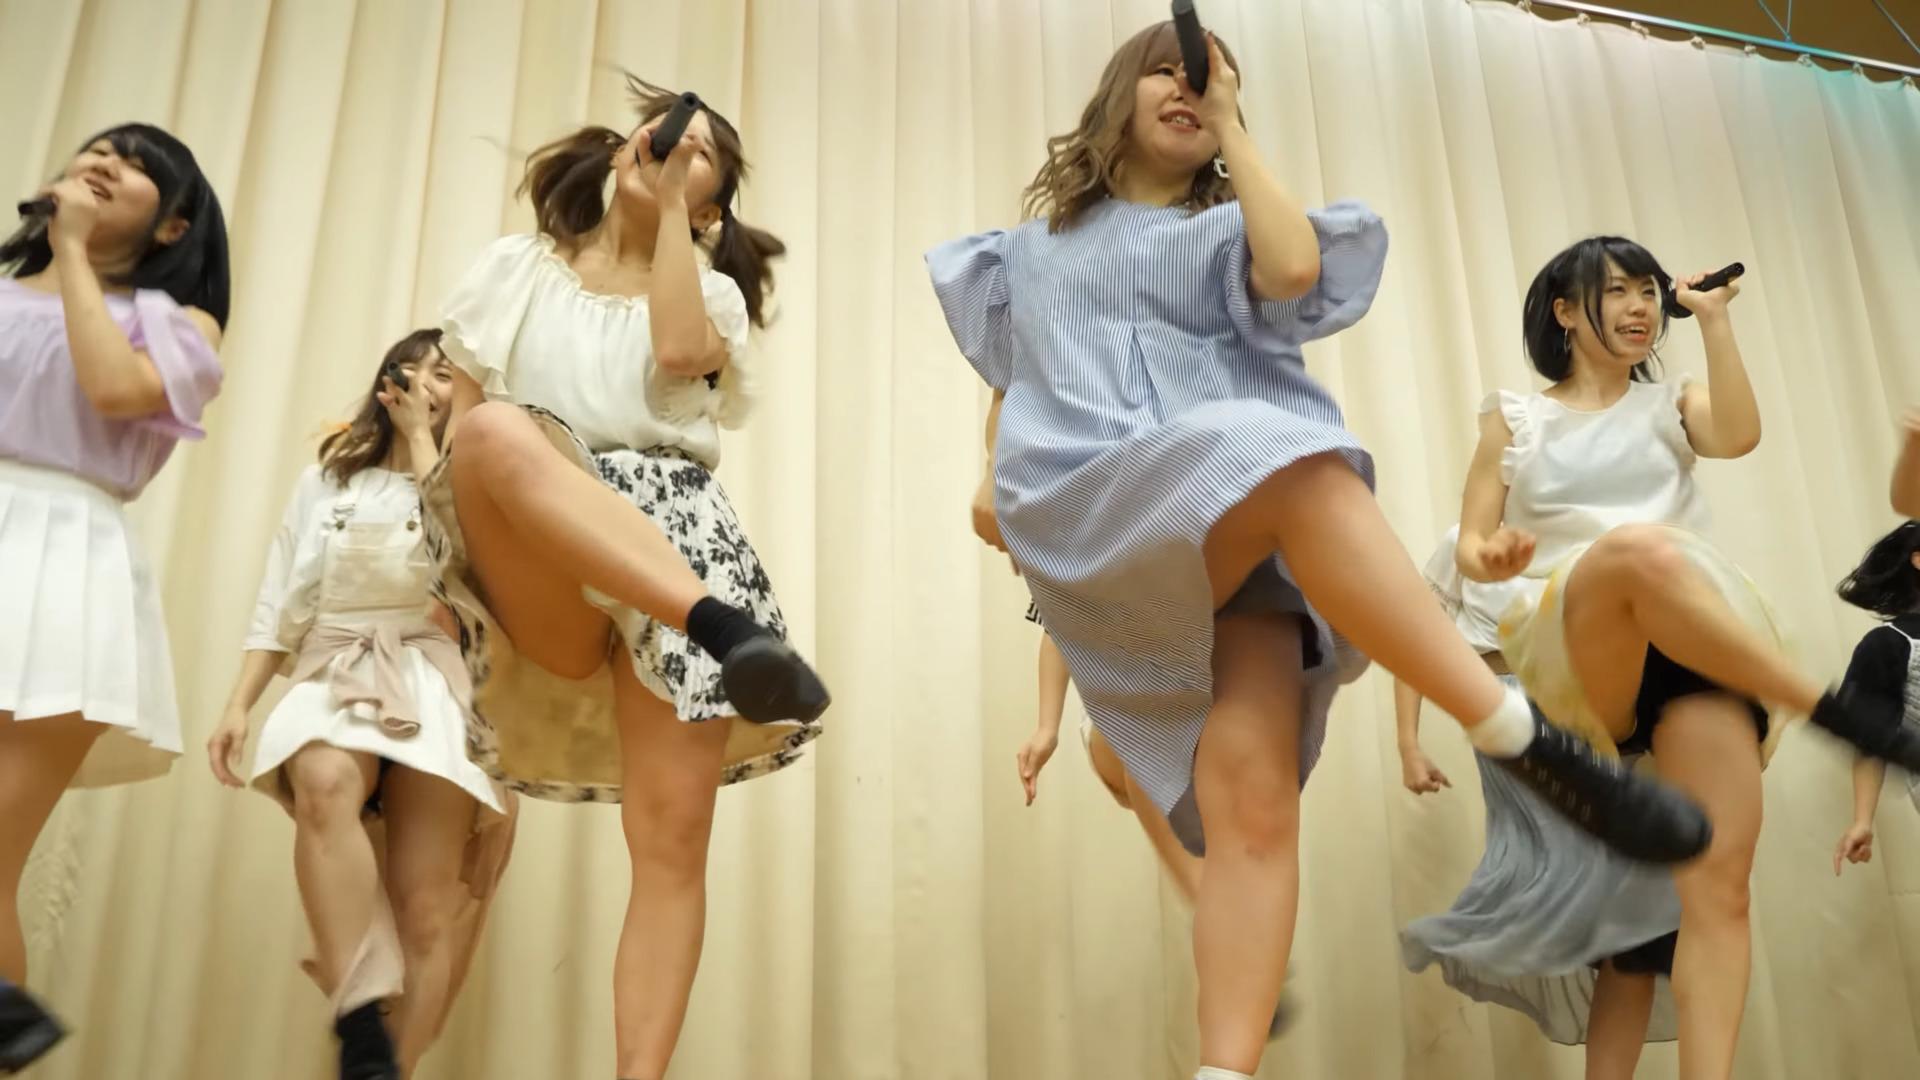 フライングゲット/AKB48   ユニドルダンスカバー 00:56